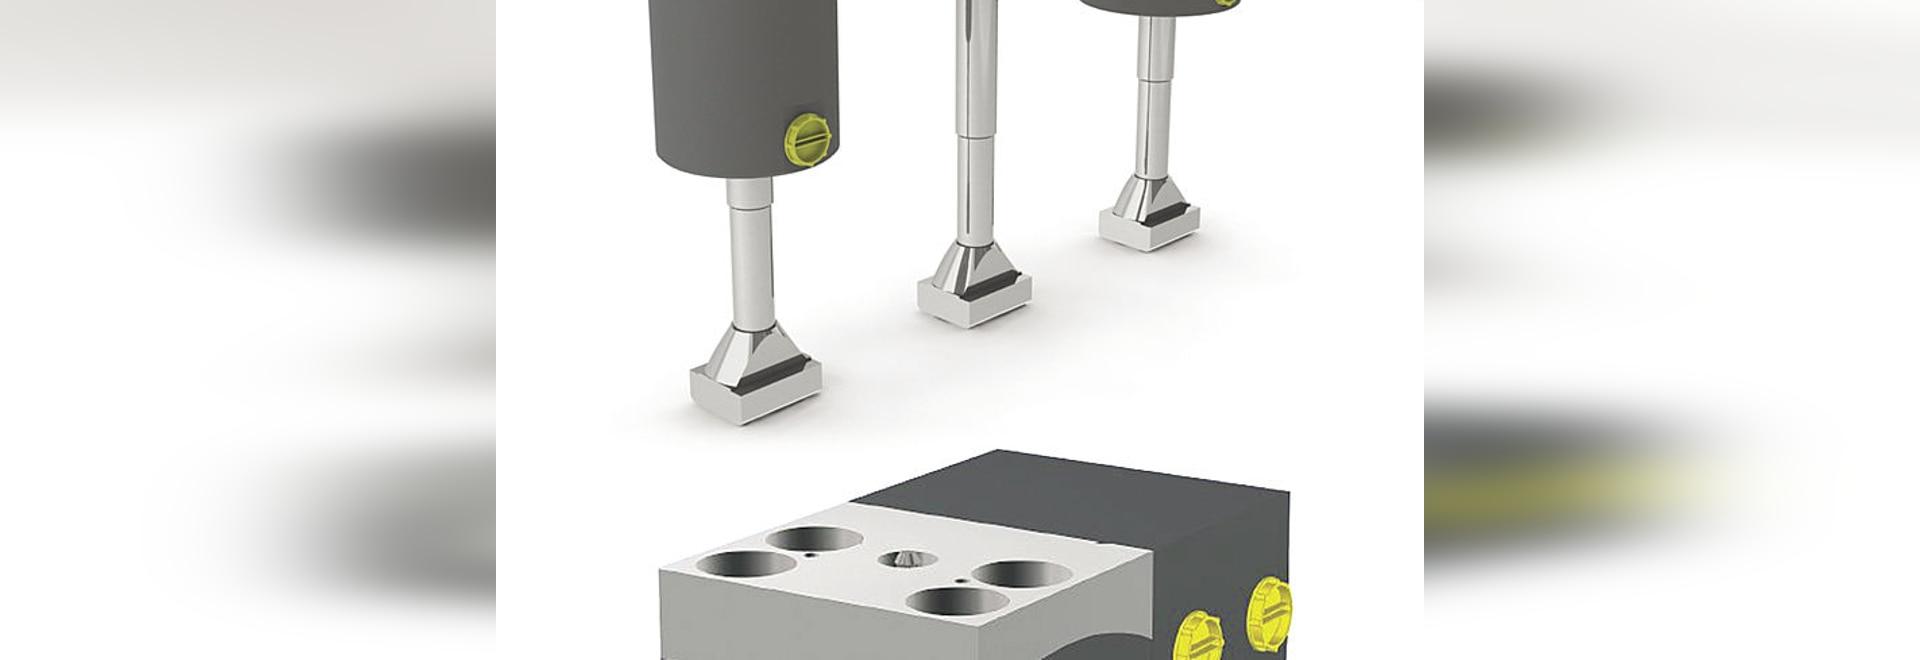 Soluzioni di serraggio